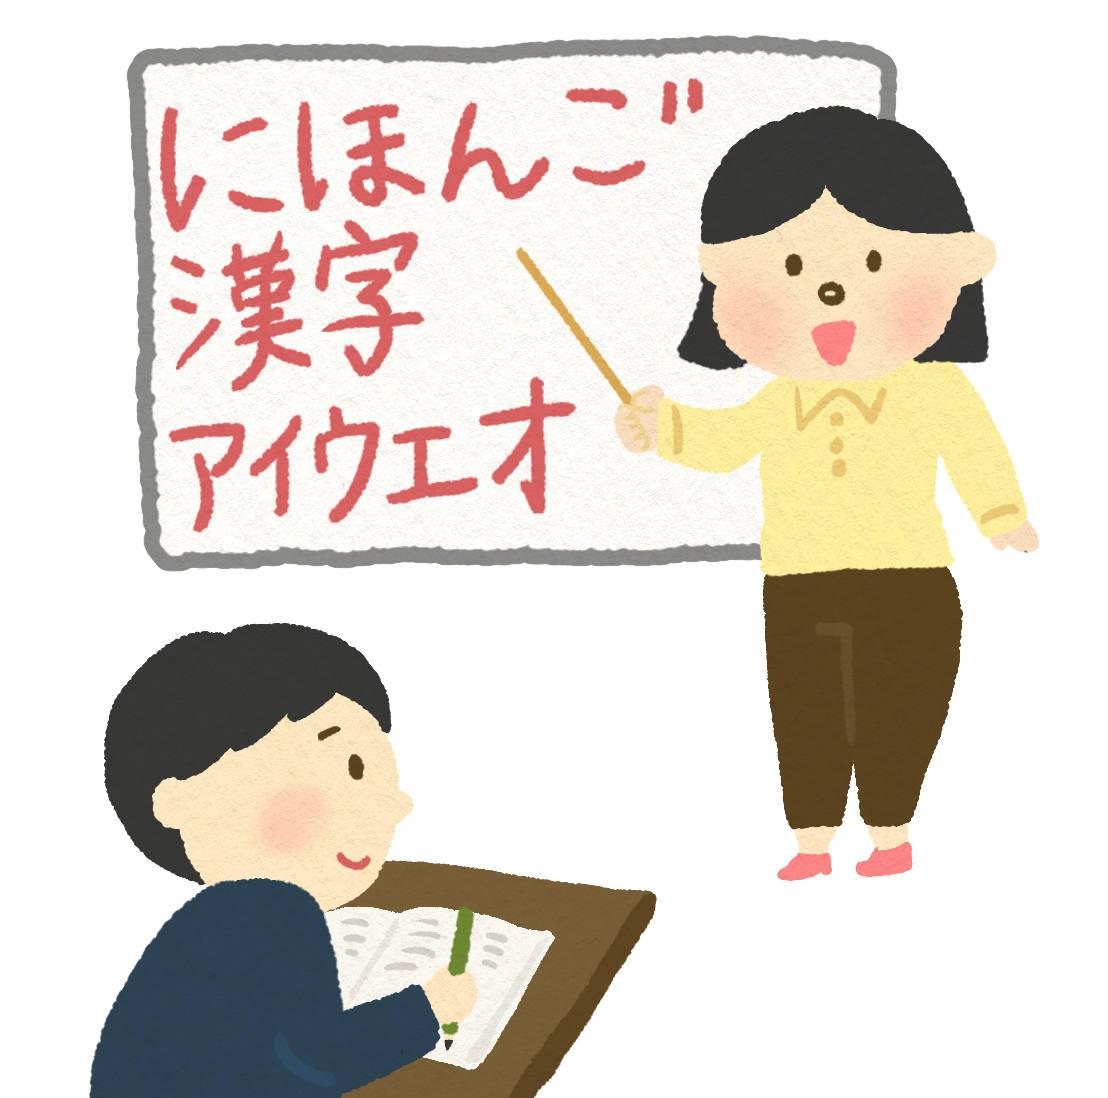 応用日本語学科に日本人が入学するのw?台湾高雄の大学正規留学